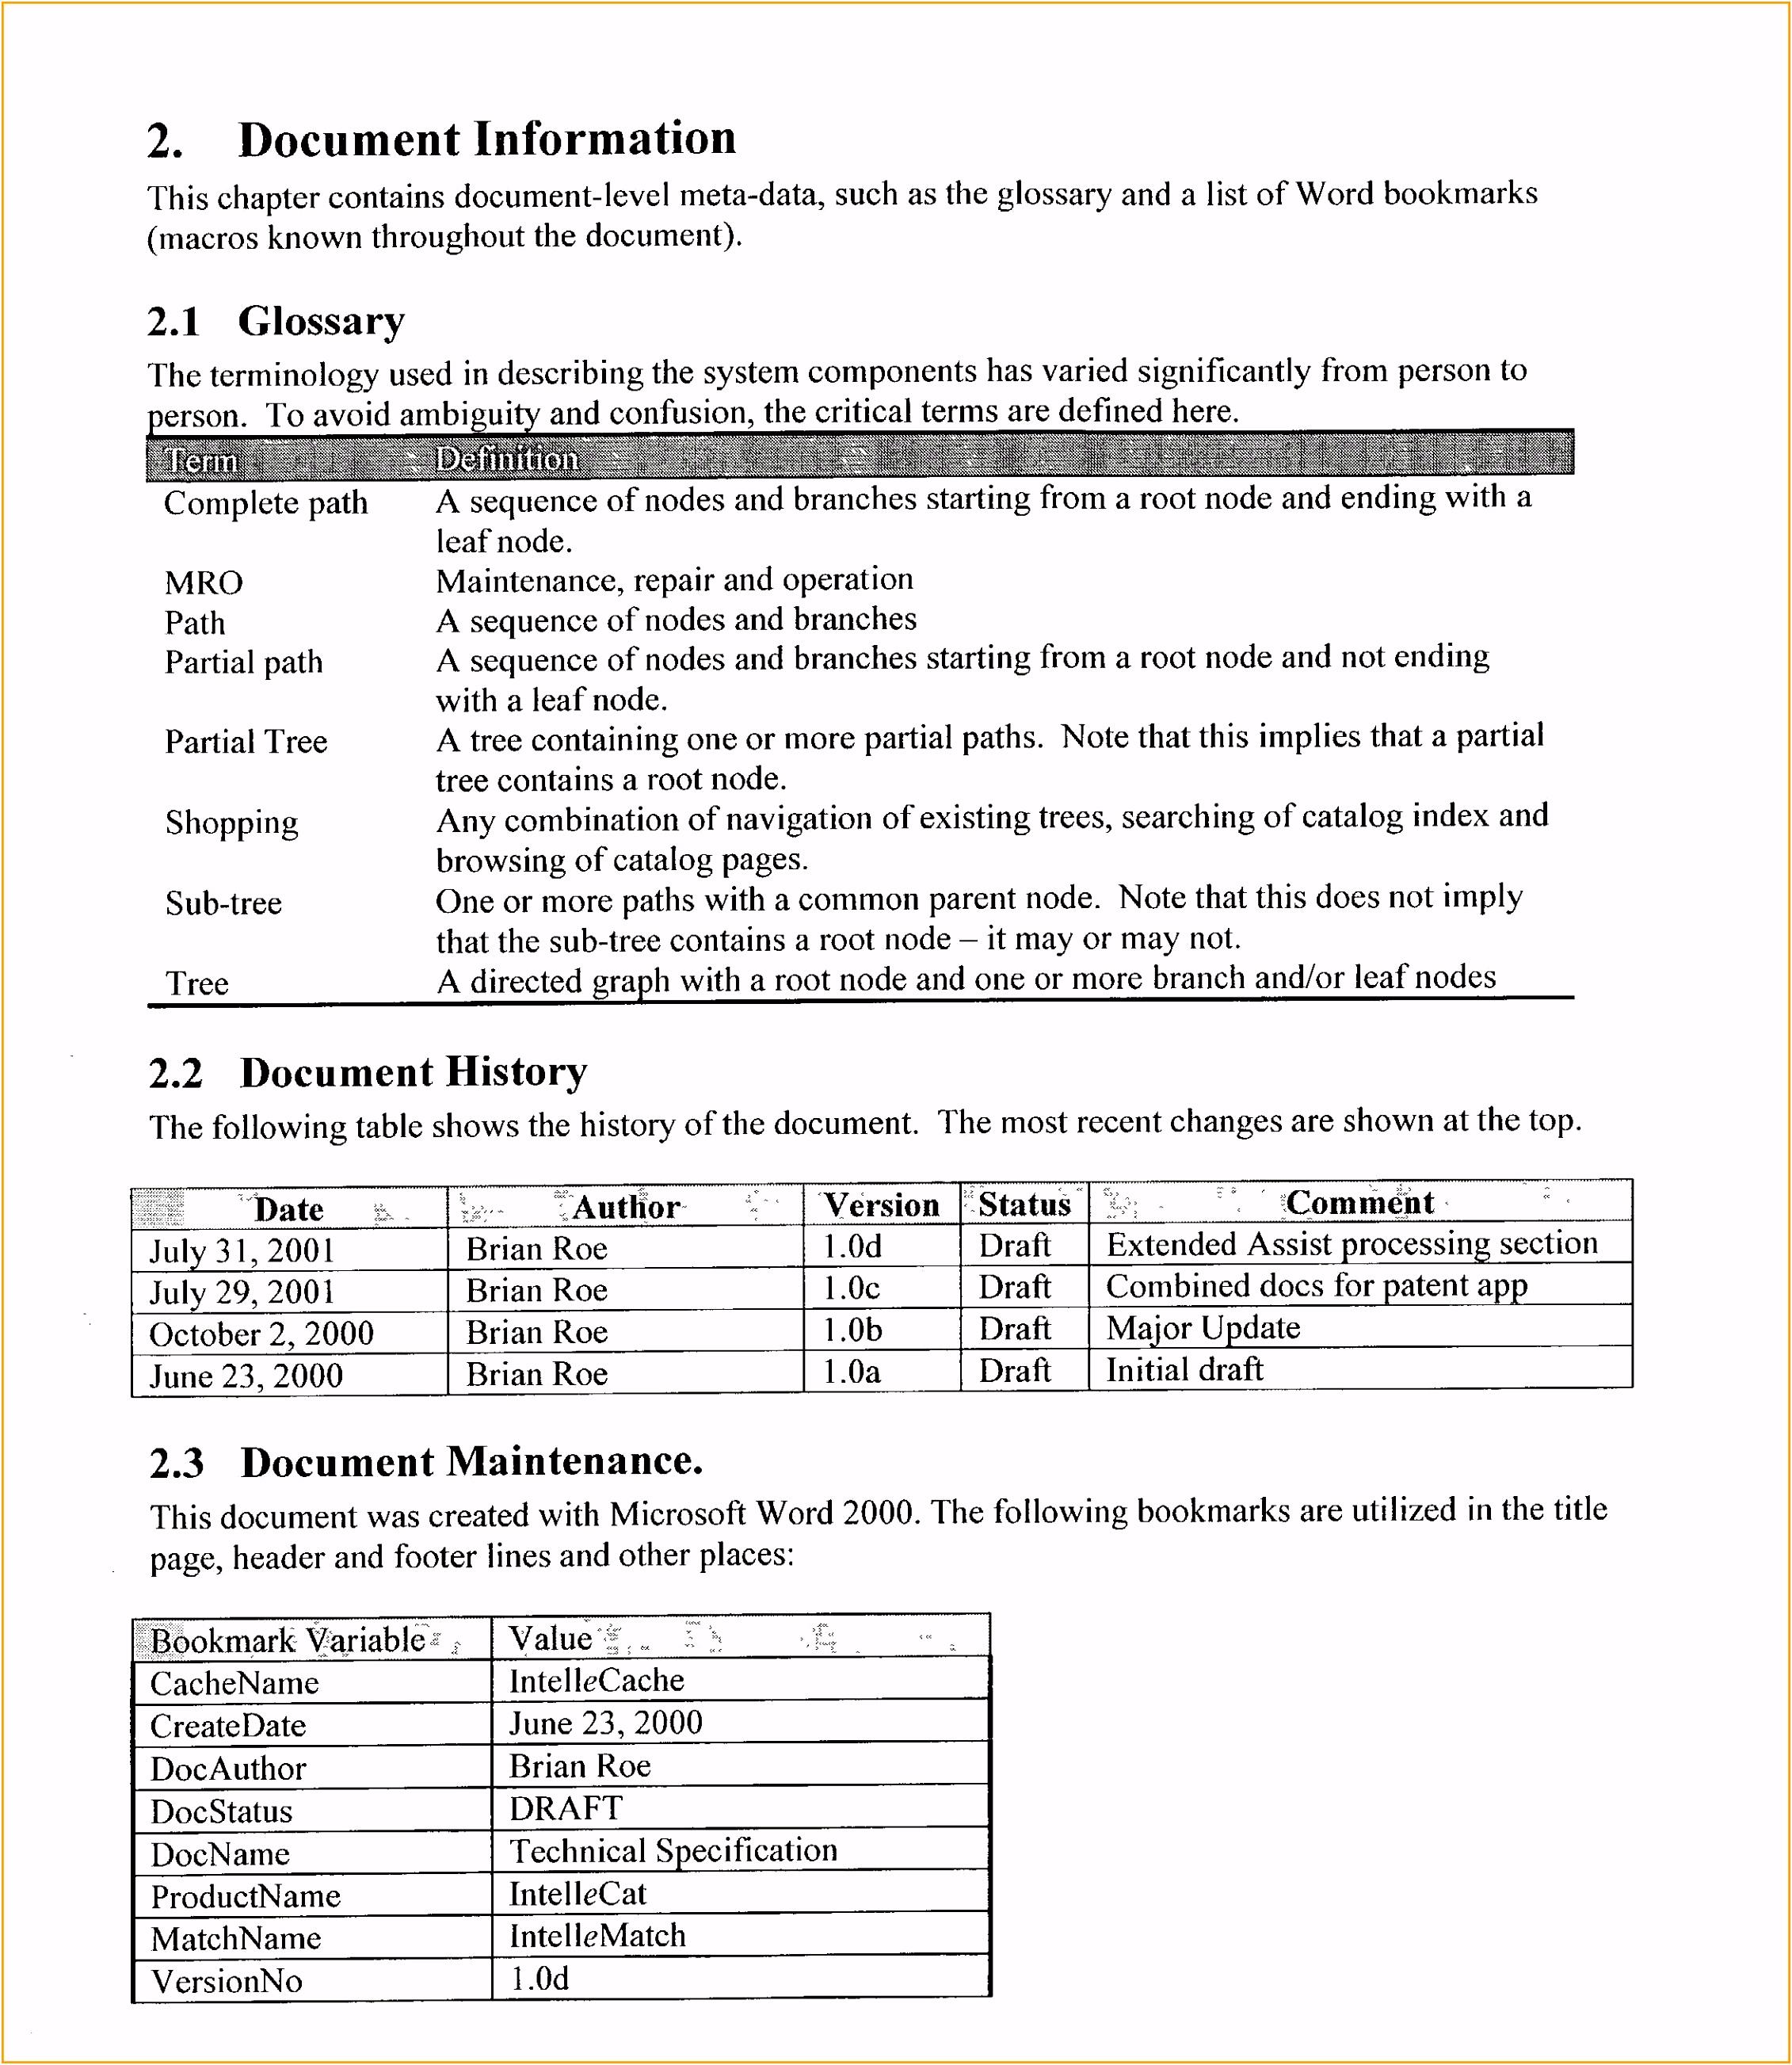 Rechnung Kleinunternehmer Vorlage Word 40 Modisch Vorlage 2019